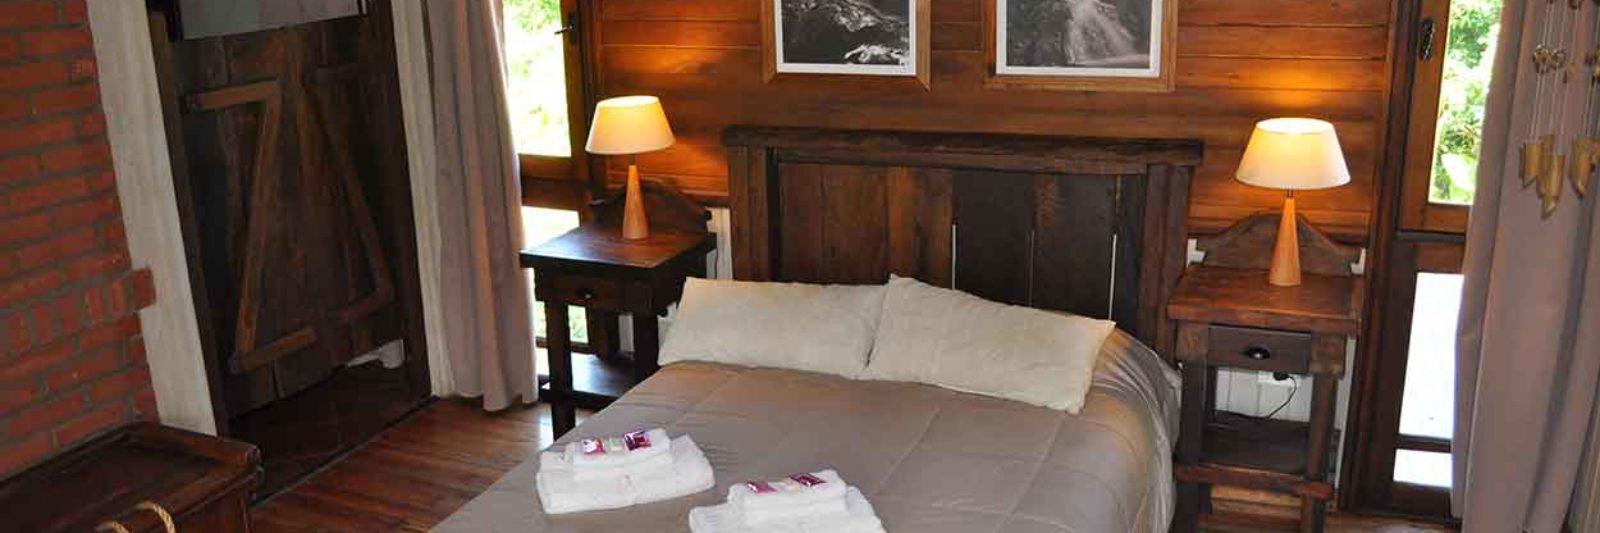 lodge en Saltos del Moconá - Puro Moconá Lodge